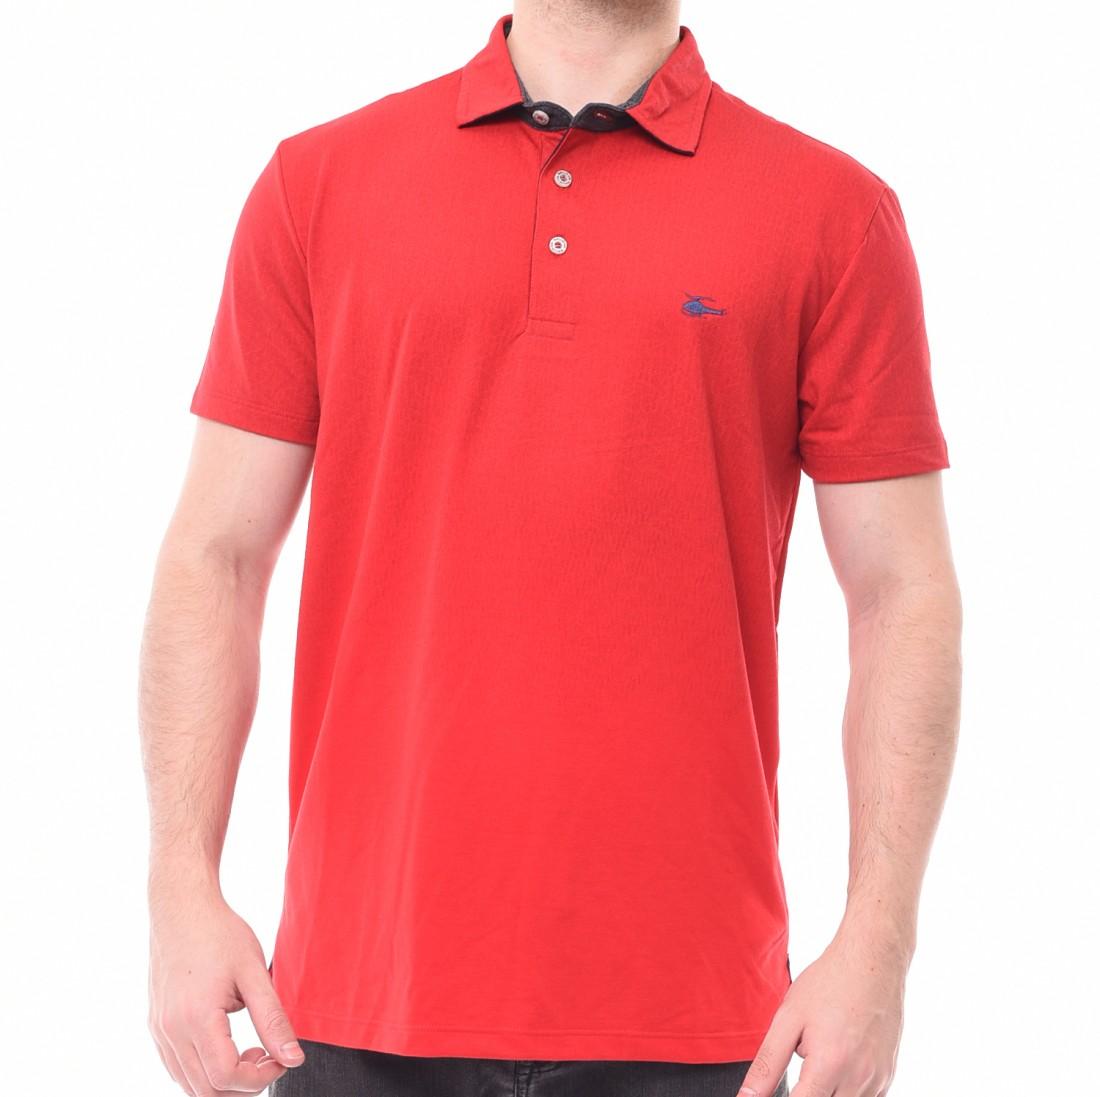 88a6014b3b Camisa Polo Sallo Piquet Degradê Vermelha - LM Martins - Veste você ...